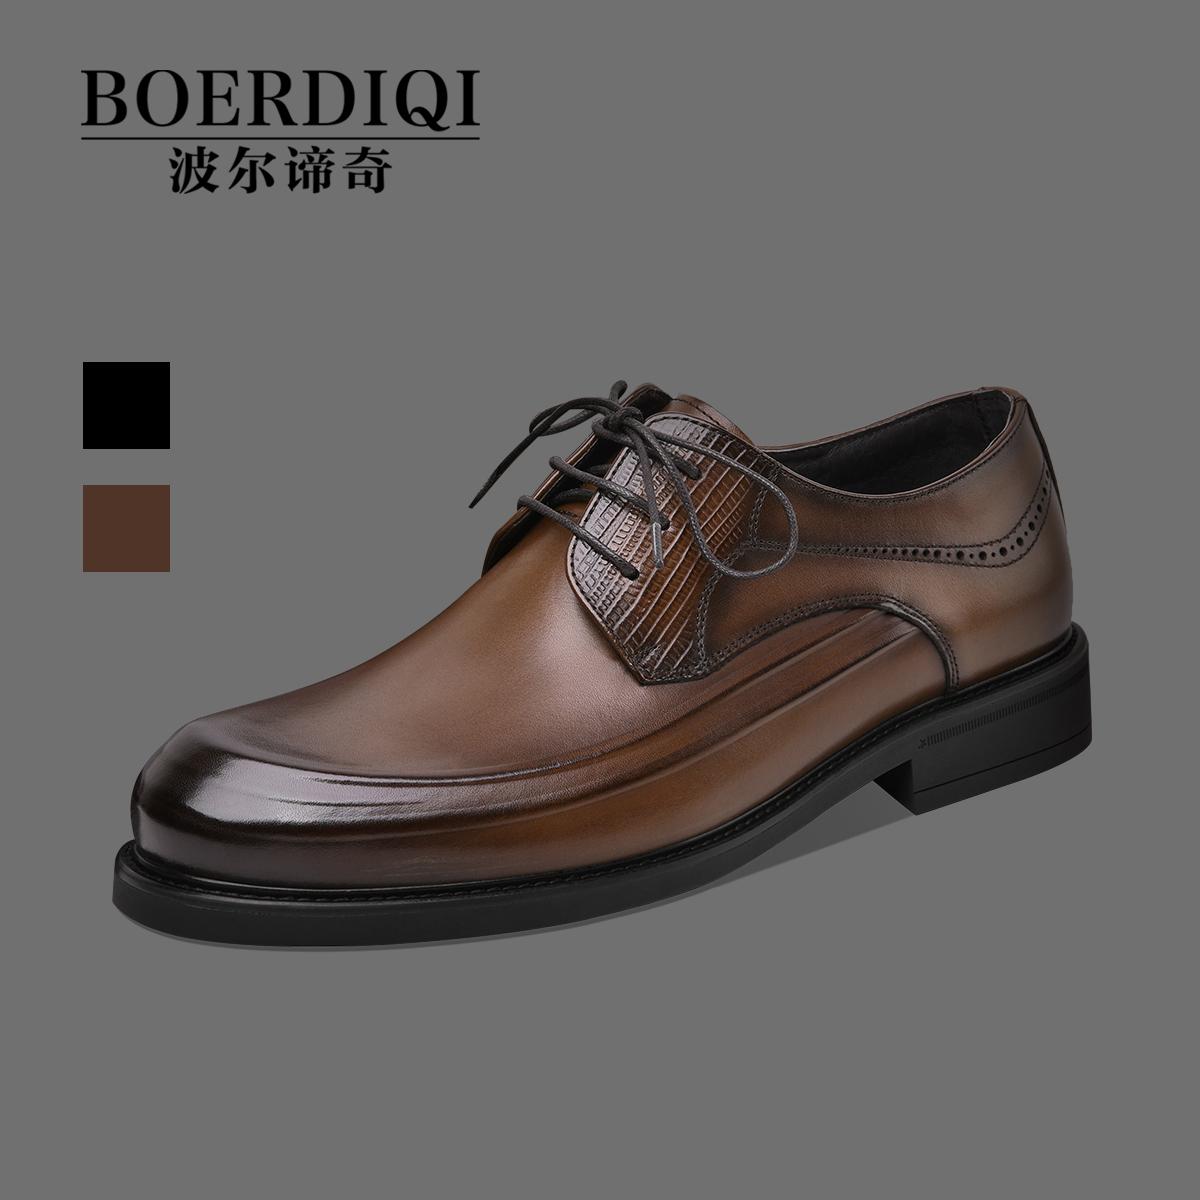 ビジネススーツ手作り牛革男性靴2021秋冬新商品本革インラン男性靴ファッション社交靴